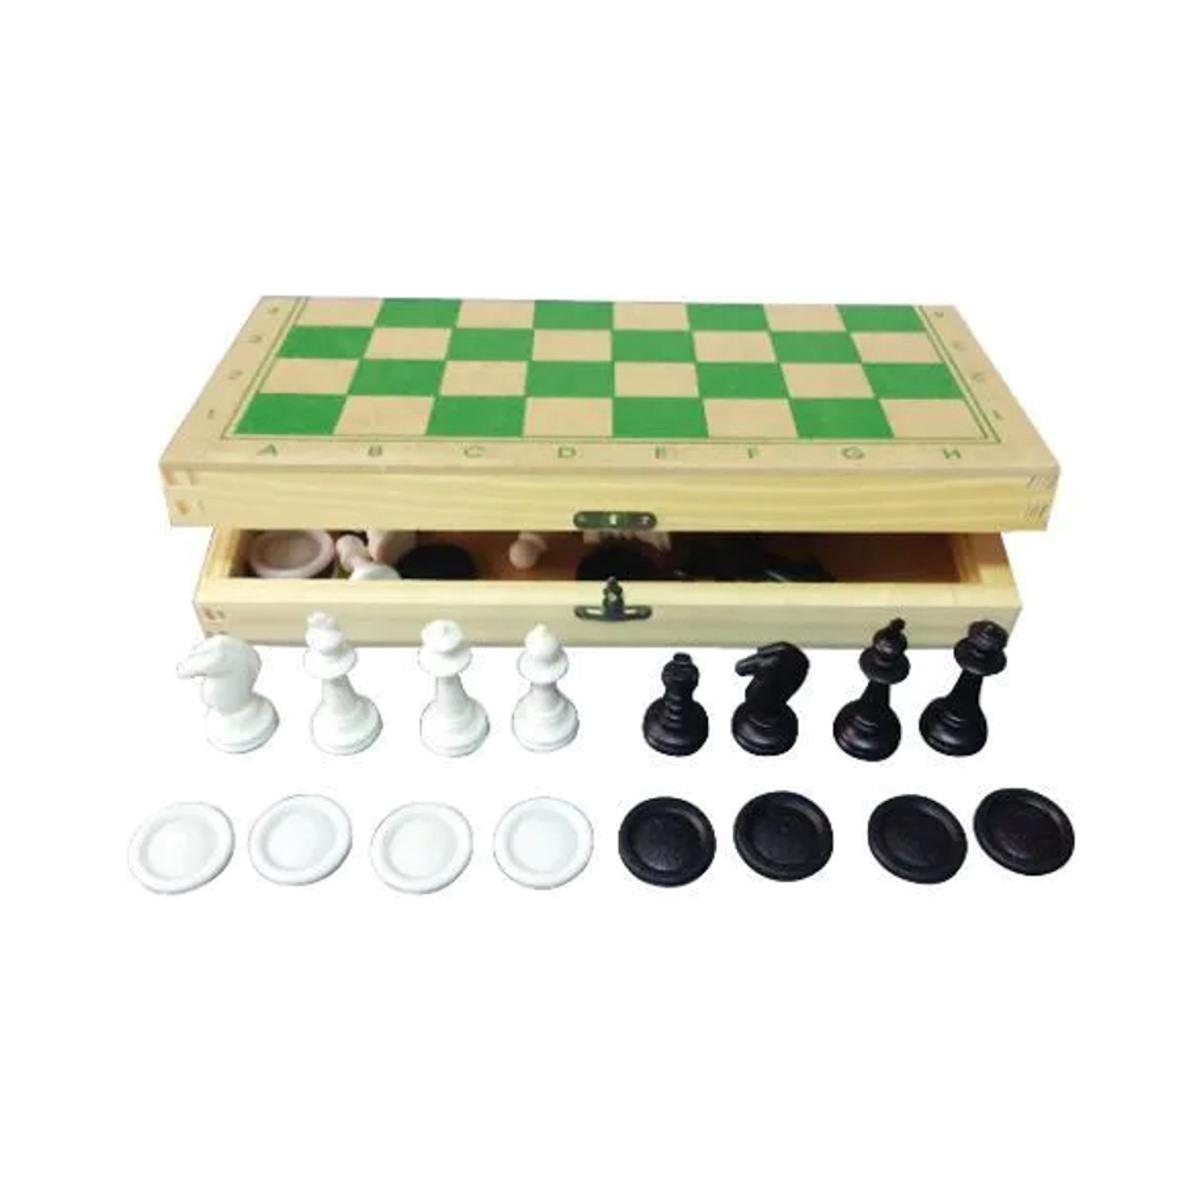 Brinquedos Educativos - Jogo de Xadrez e Damas